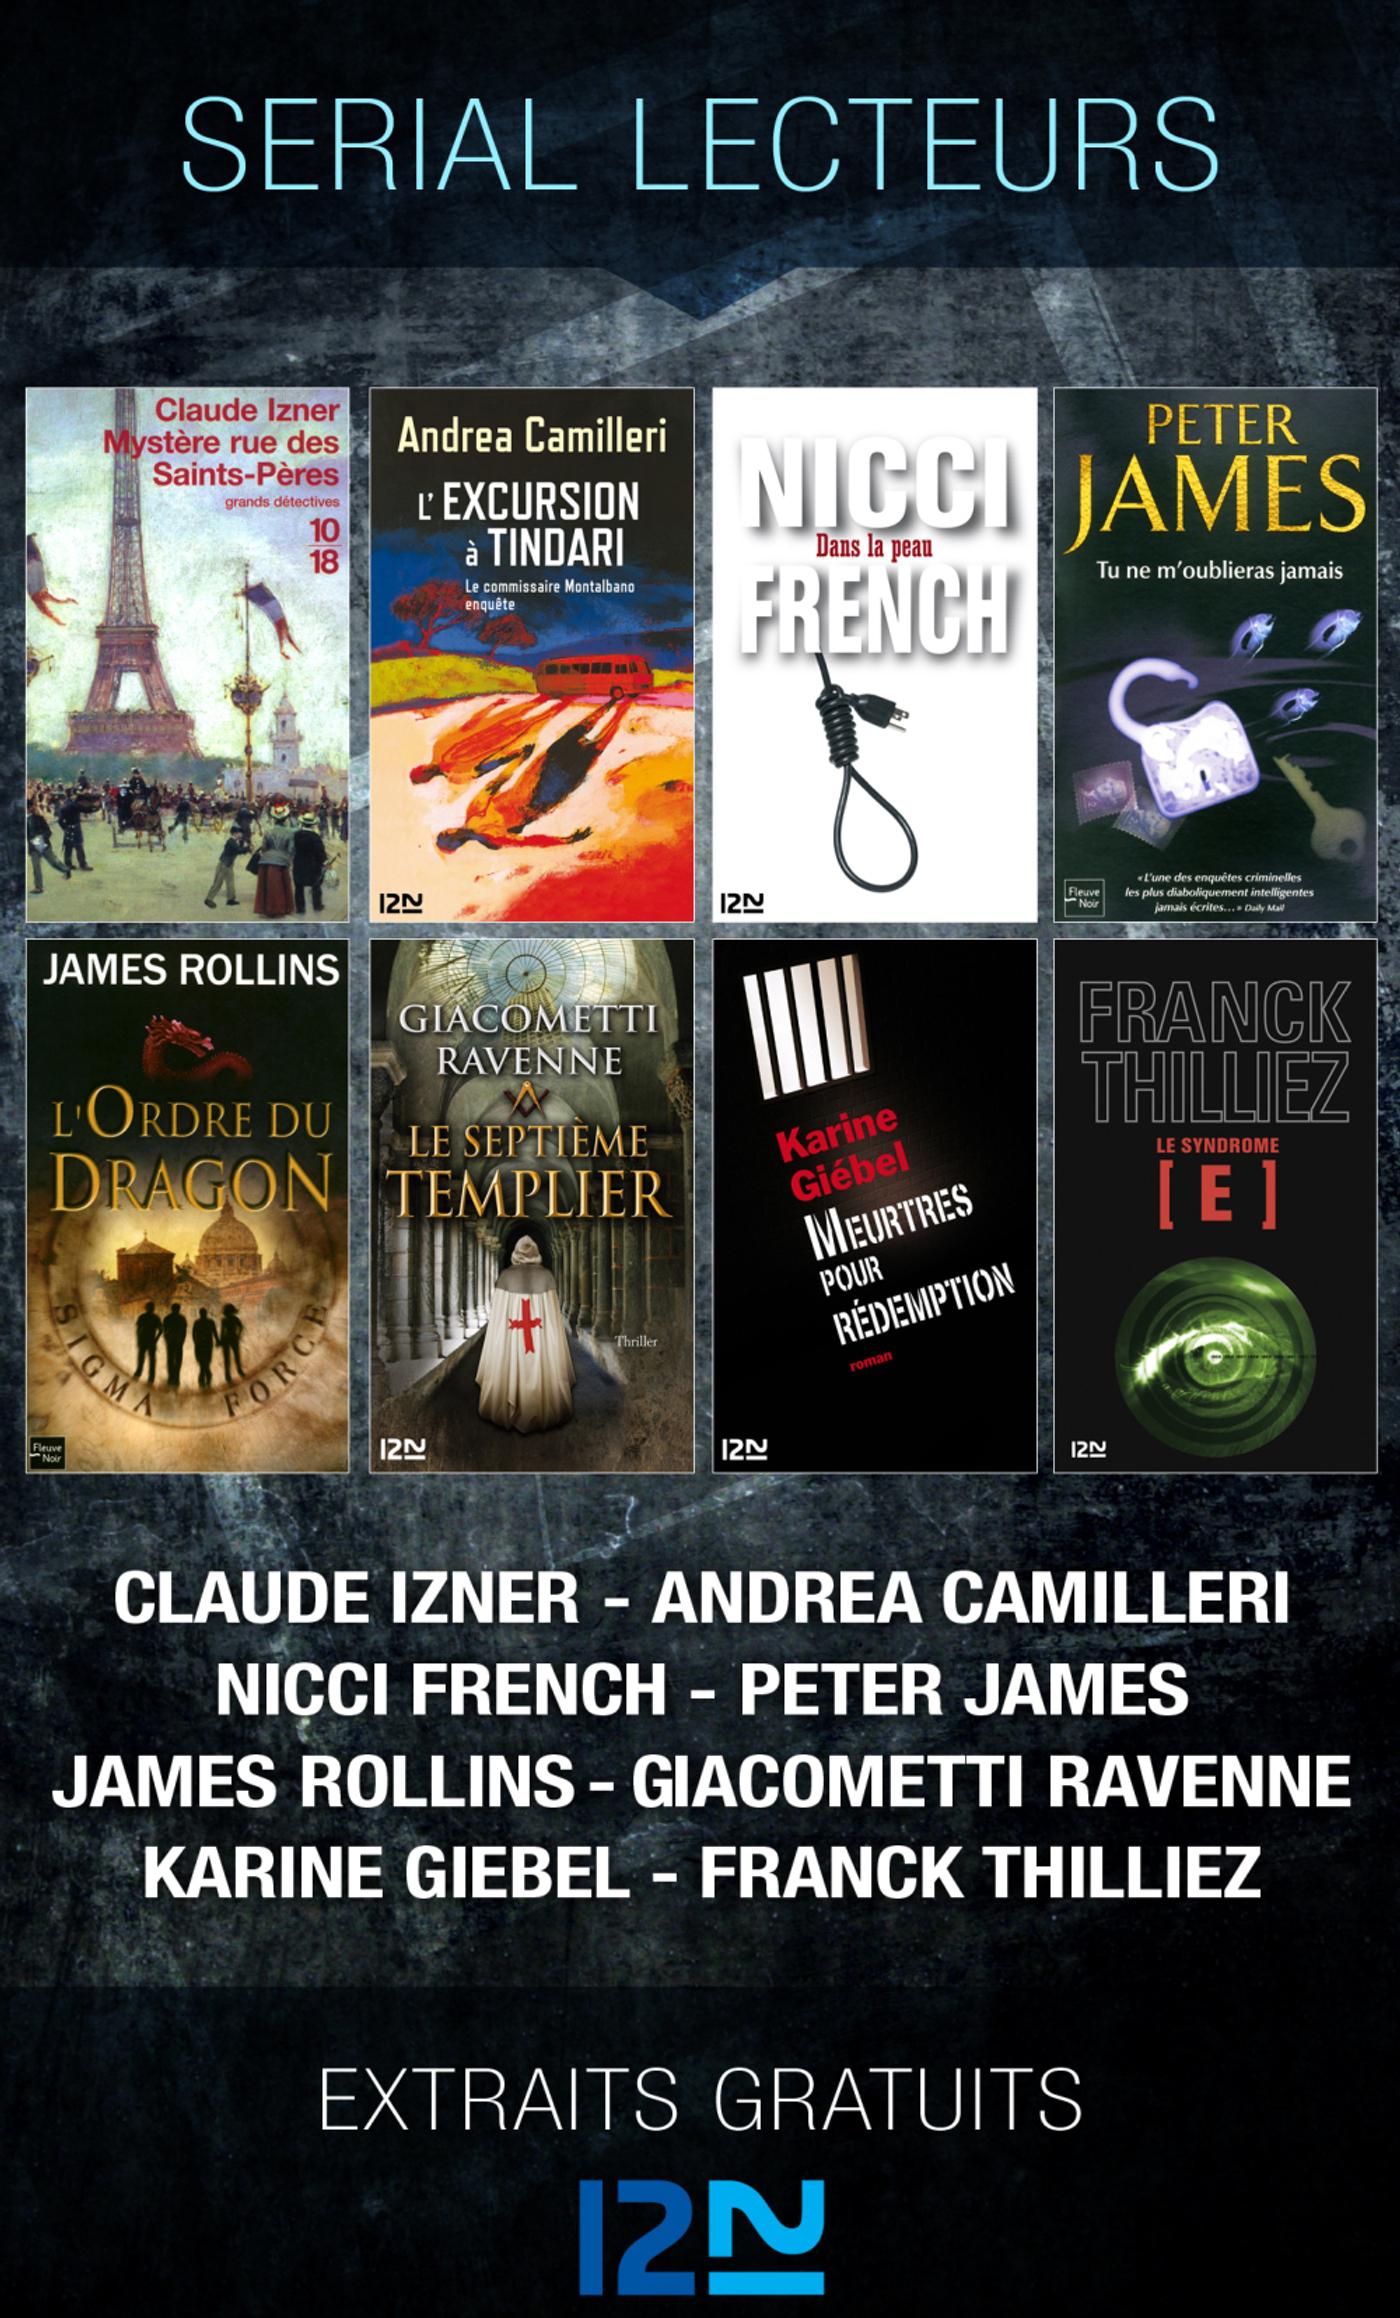 Serial lecteurs - 2013 (ebook)